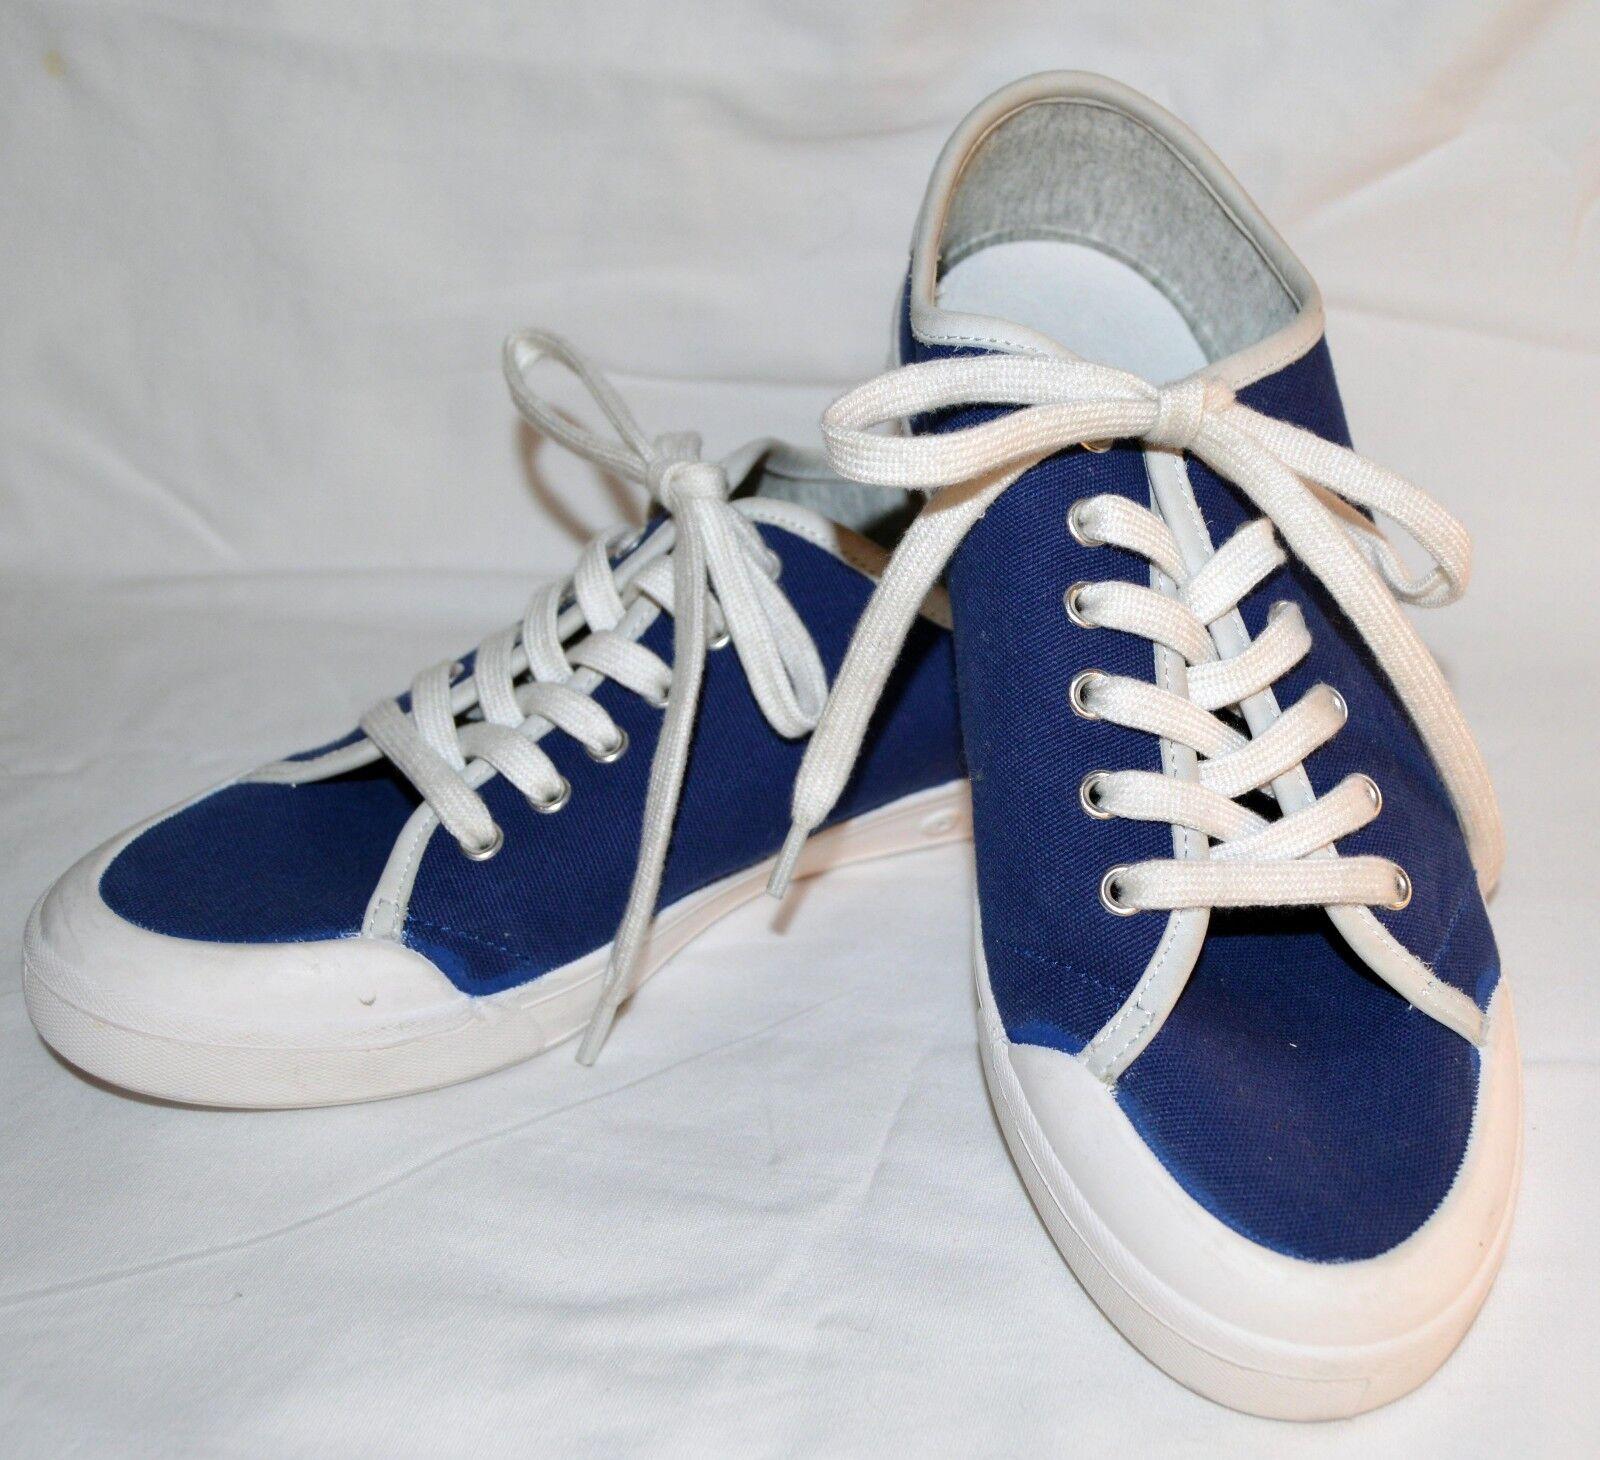 Rag &Bone'Lace Up 'Cobalt blu Canvas Cap Toe scarpe  da ginnastica Dimensione US 10 (40 UE)  a buon mercato